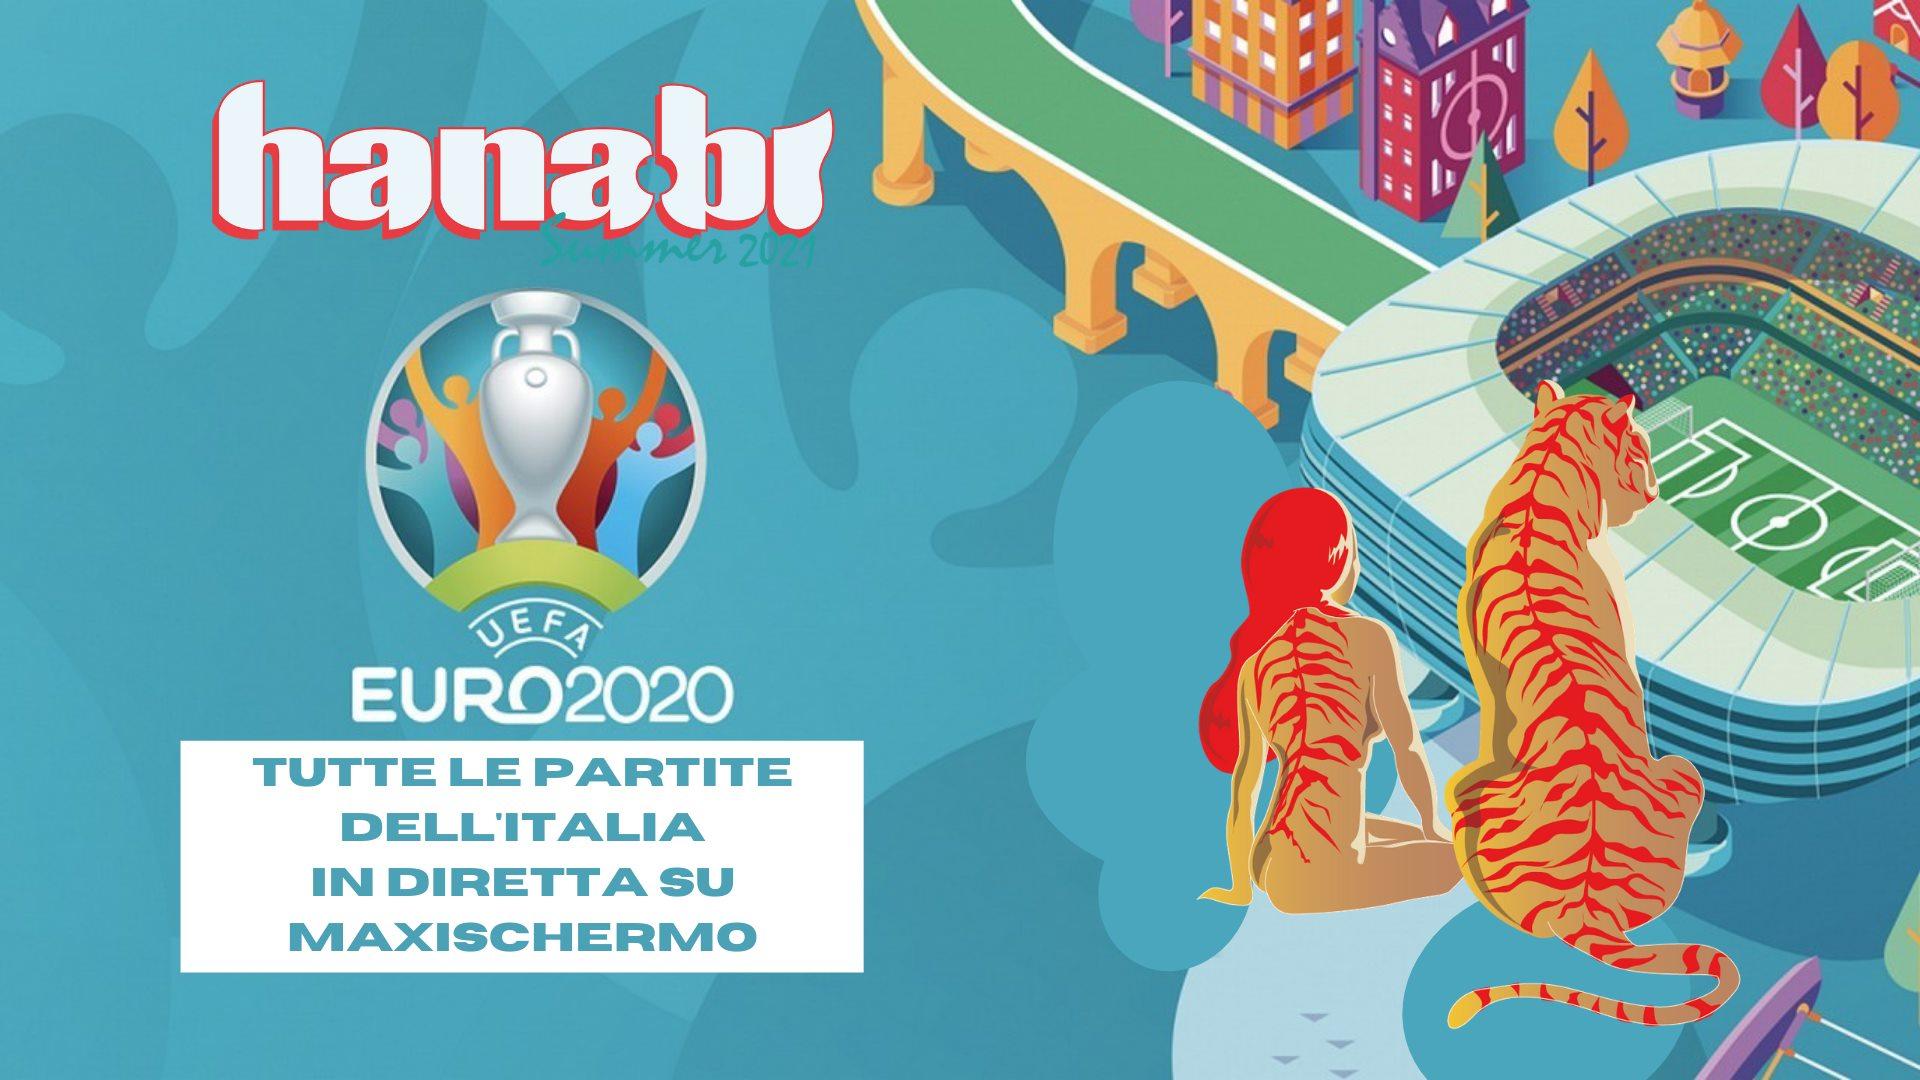 ITALIA a Euro2020 in diretta su maxischermo